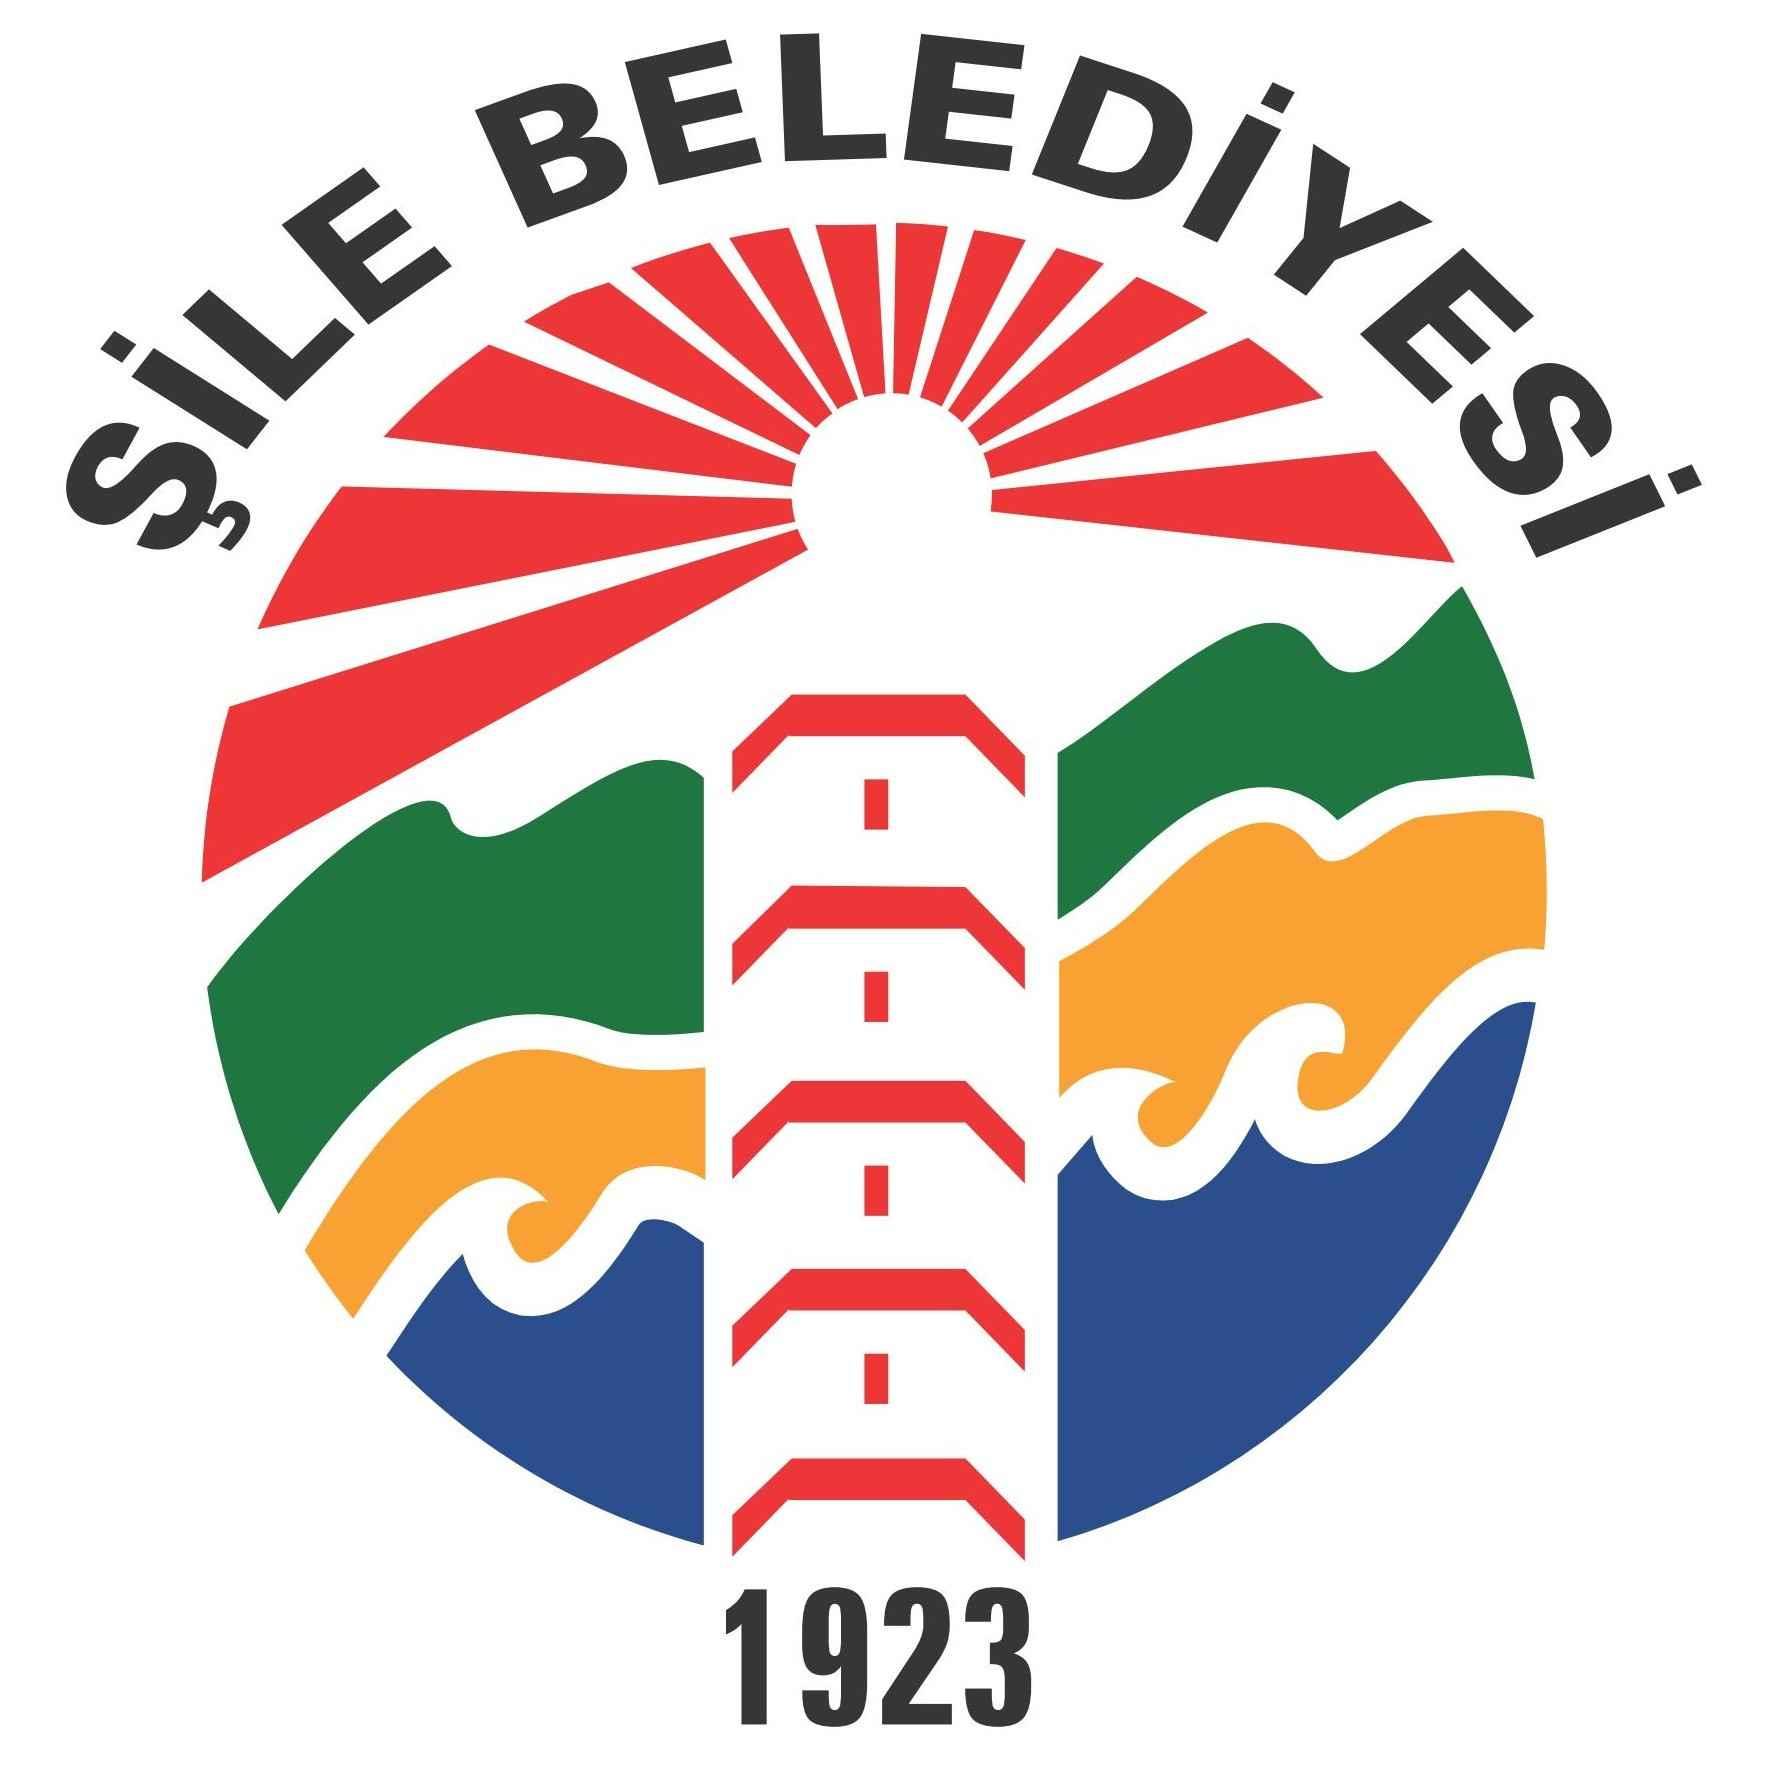 sile-belediyesi-logo